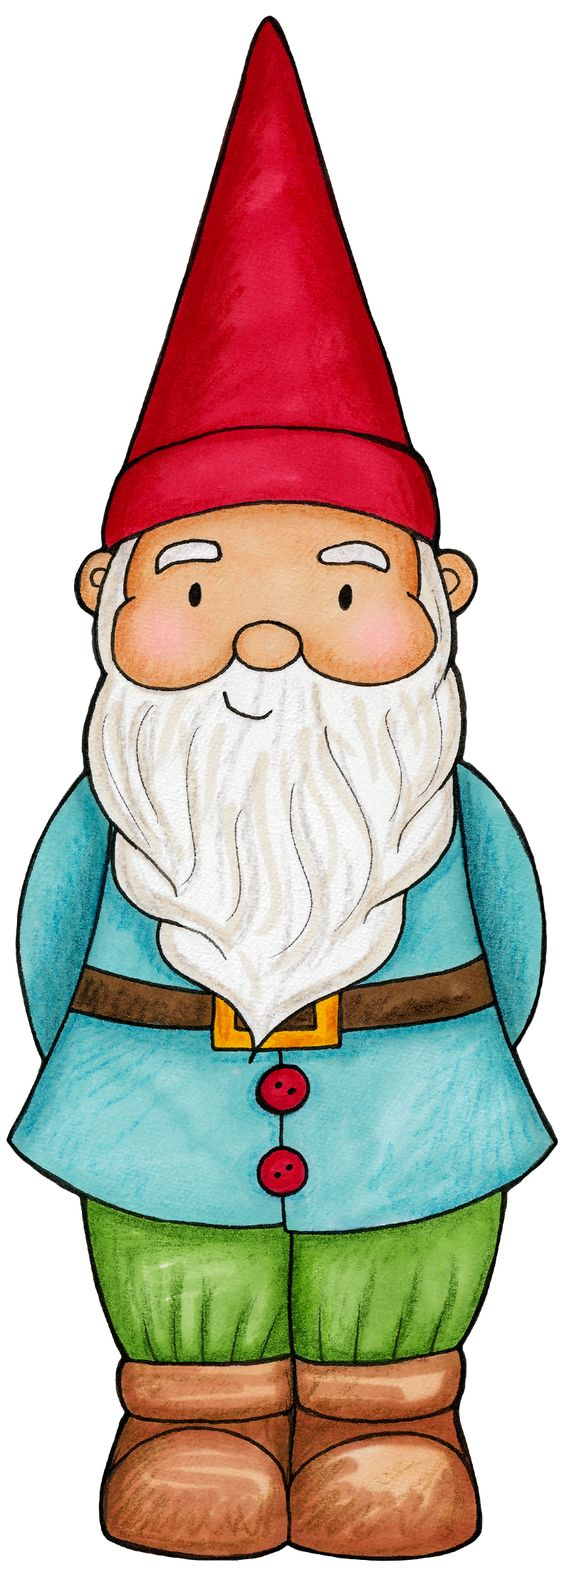 Welke verschillende soorten Mythe zijn er ? Er zijn heel veel verschillende soorten Mythe zoals eenhoorns, kabouters, zeemeerminnen en het monster van lognes